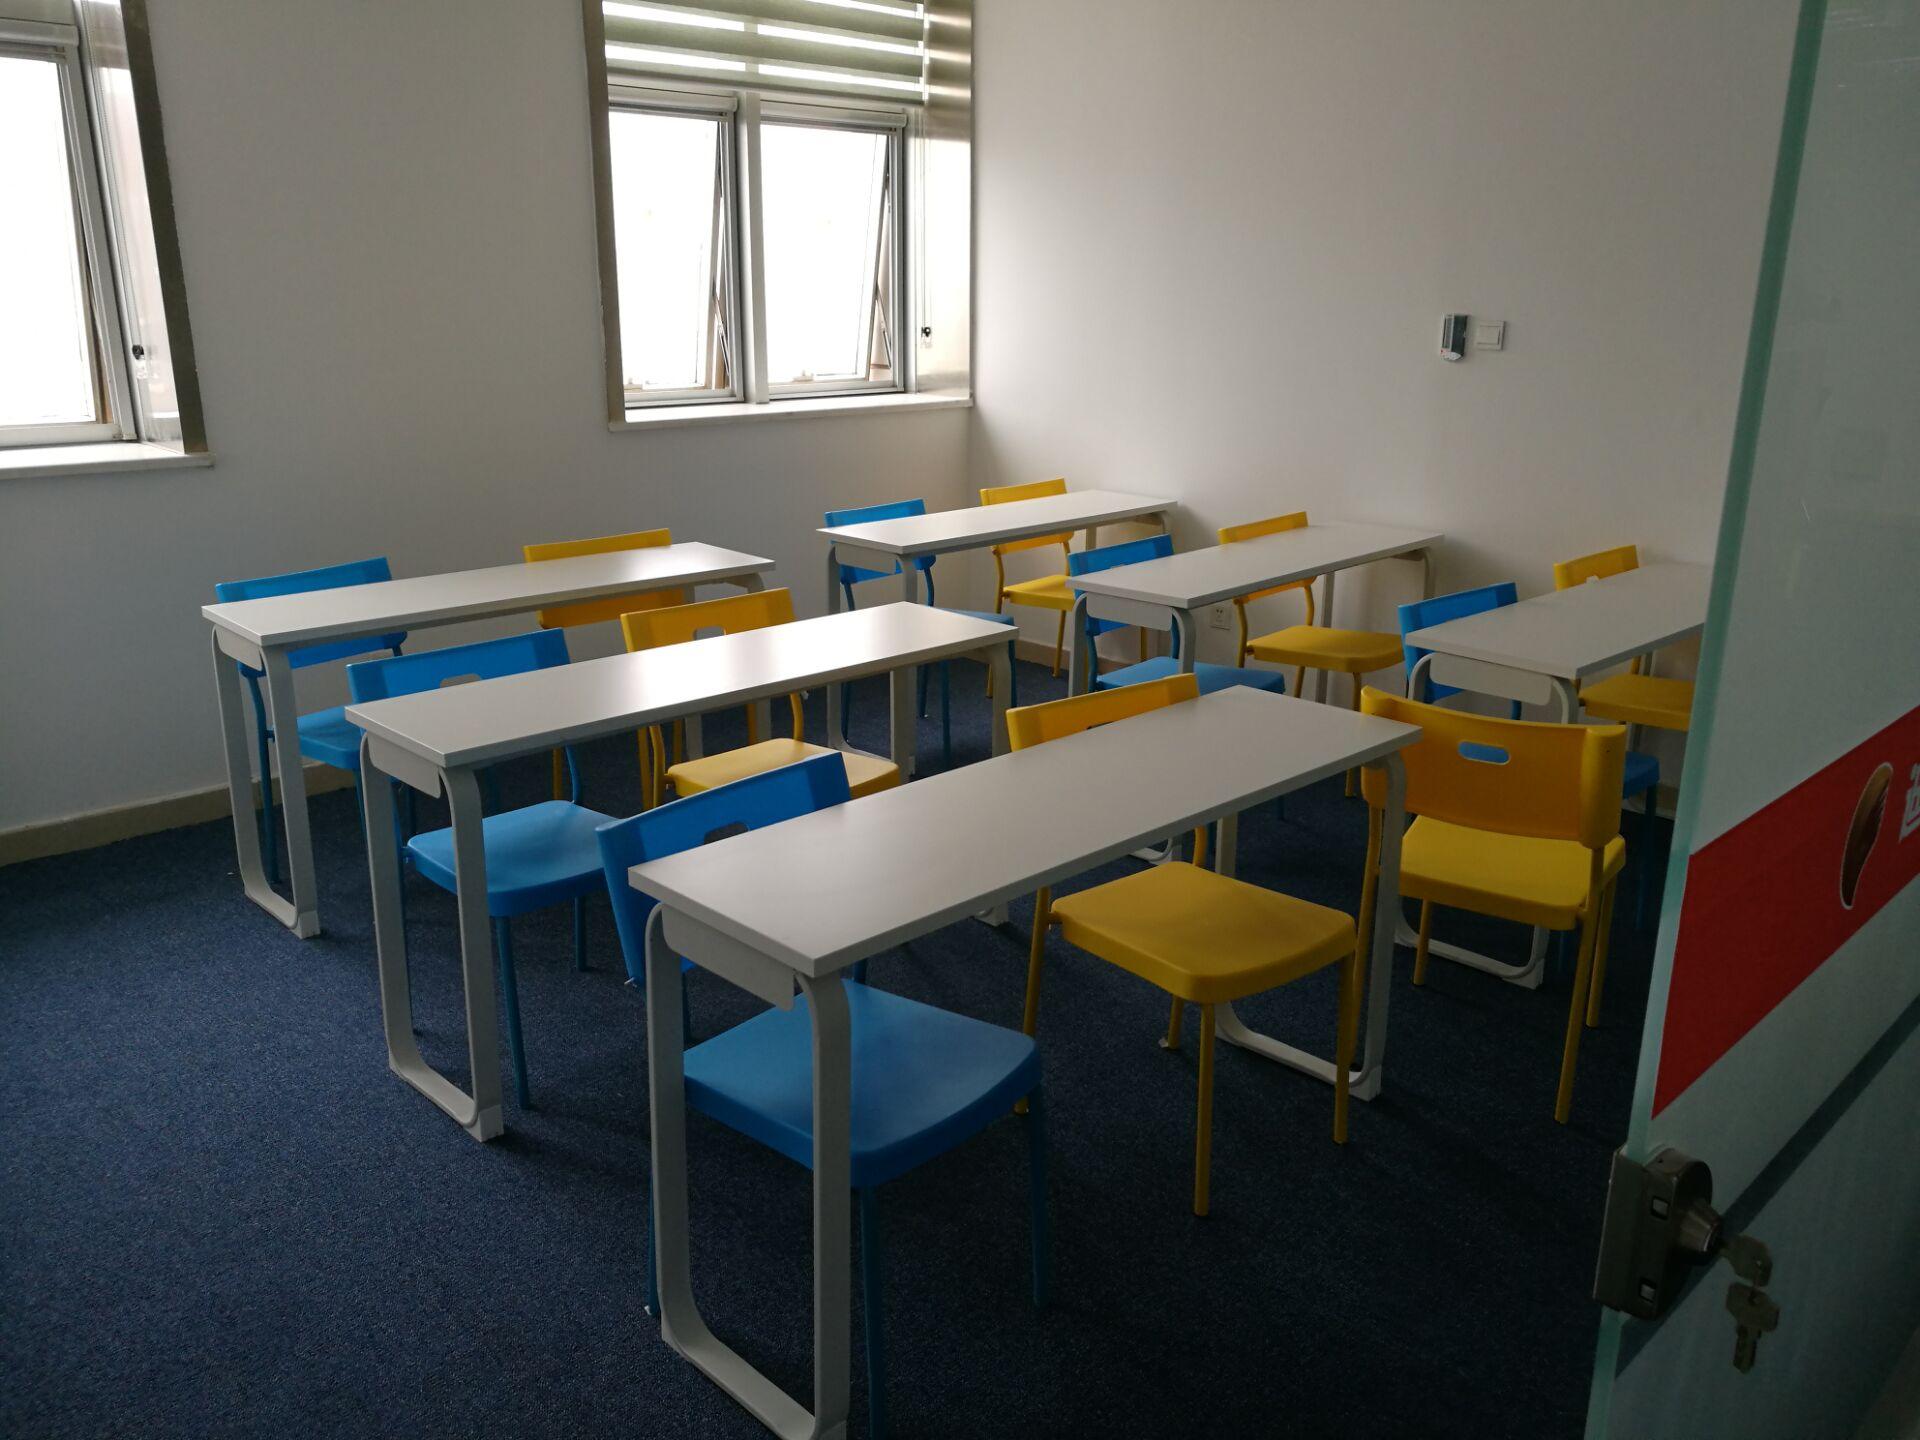 和谐校区教室